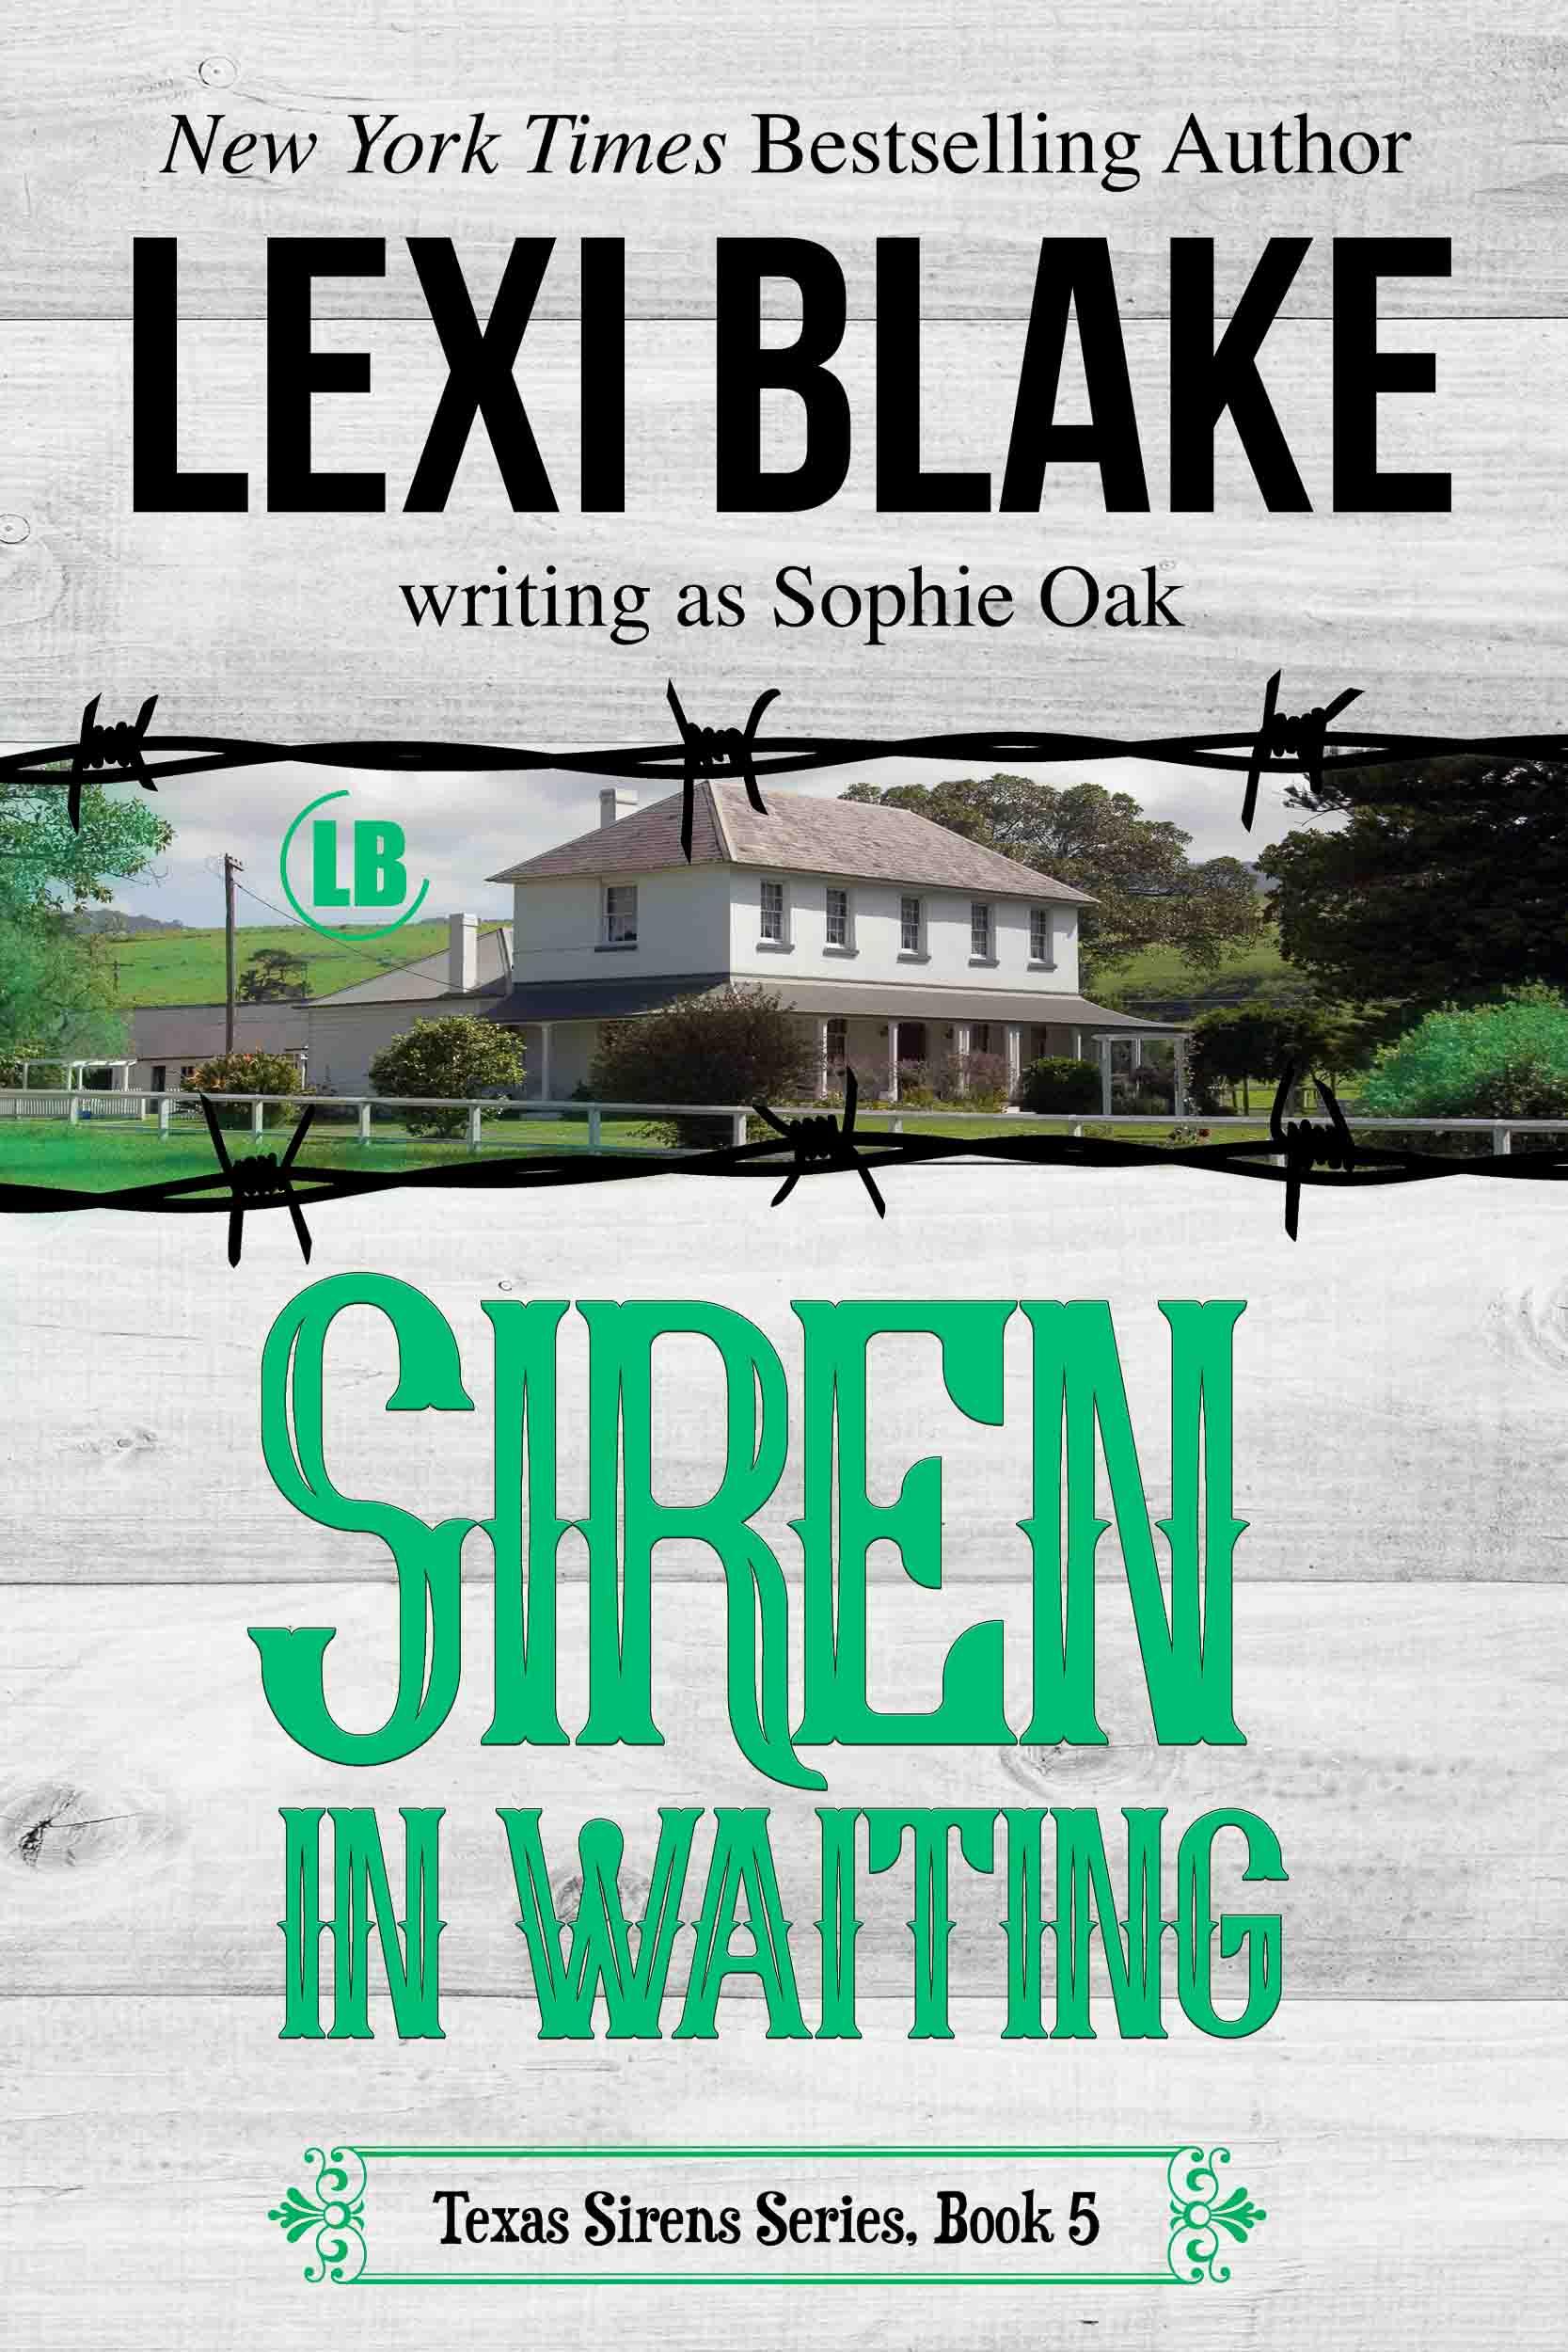 Lexi Blake Small Town Siren.jpg